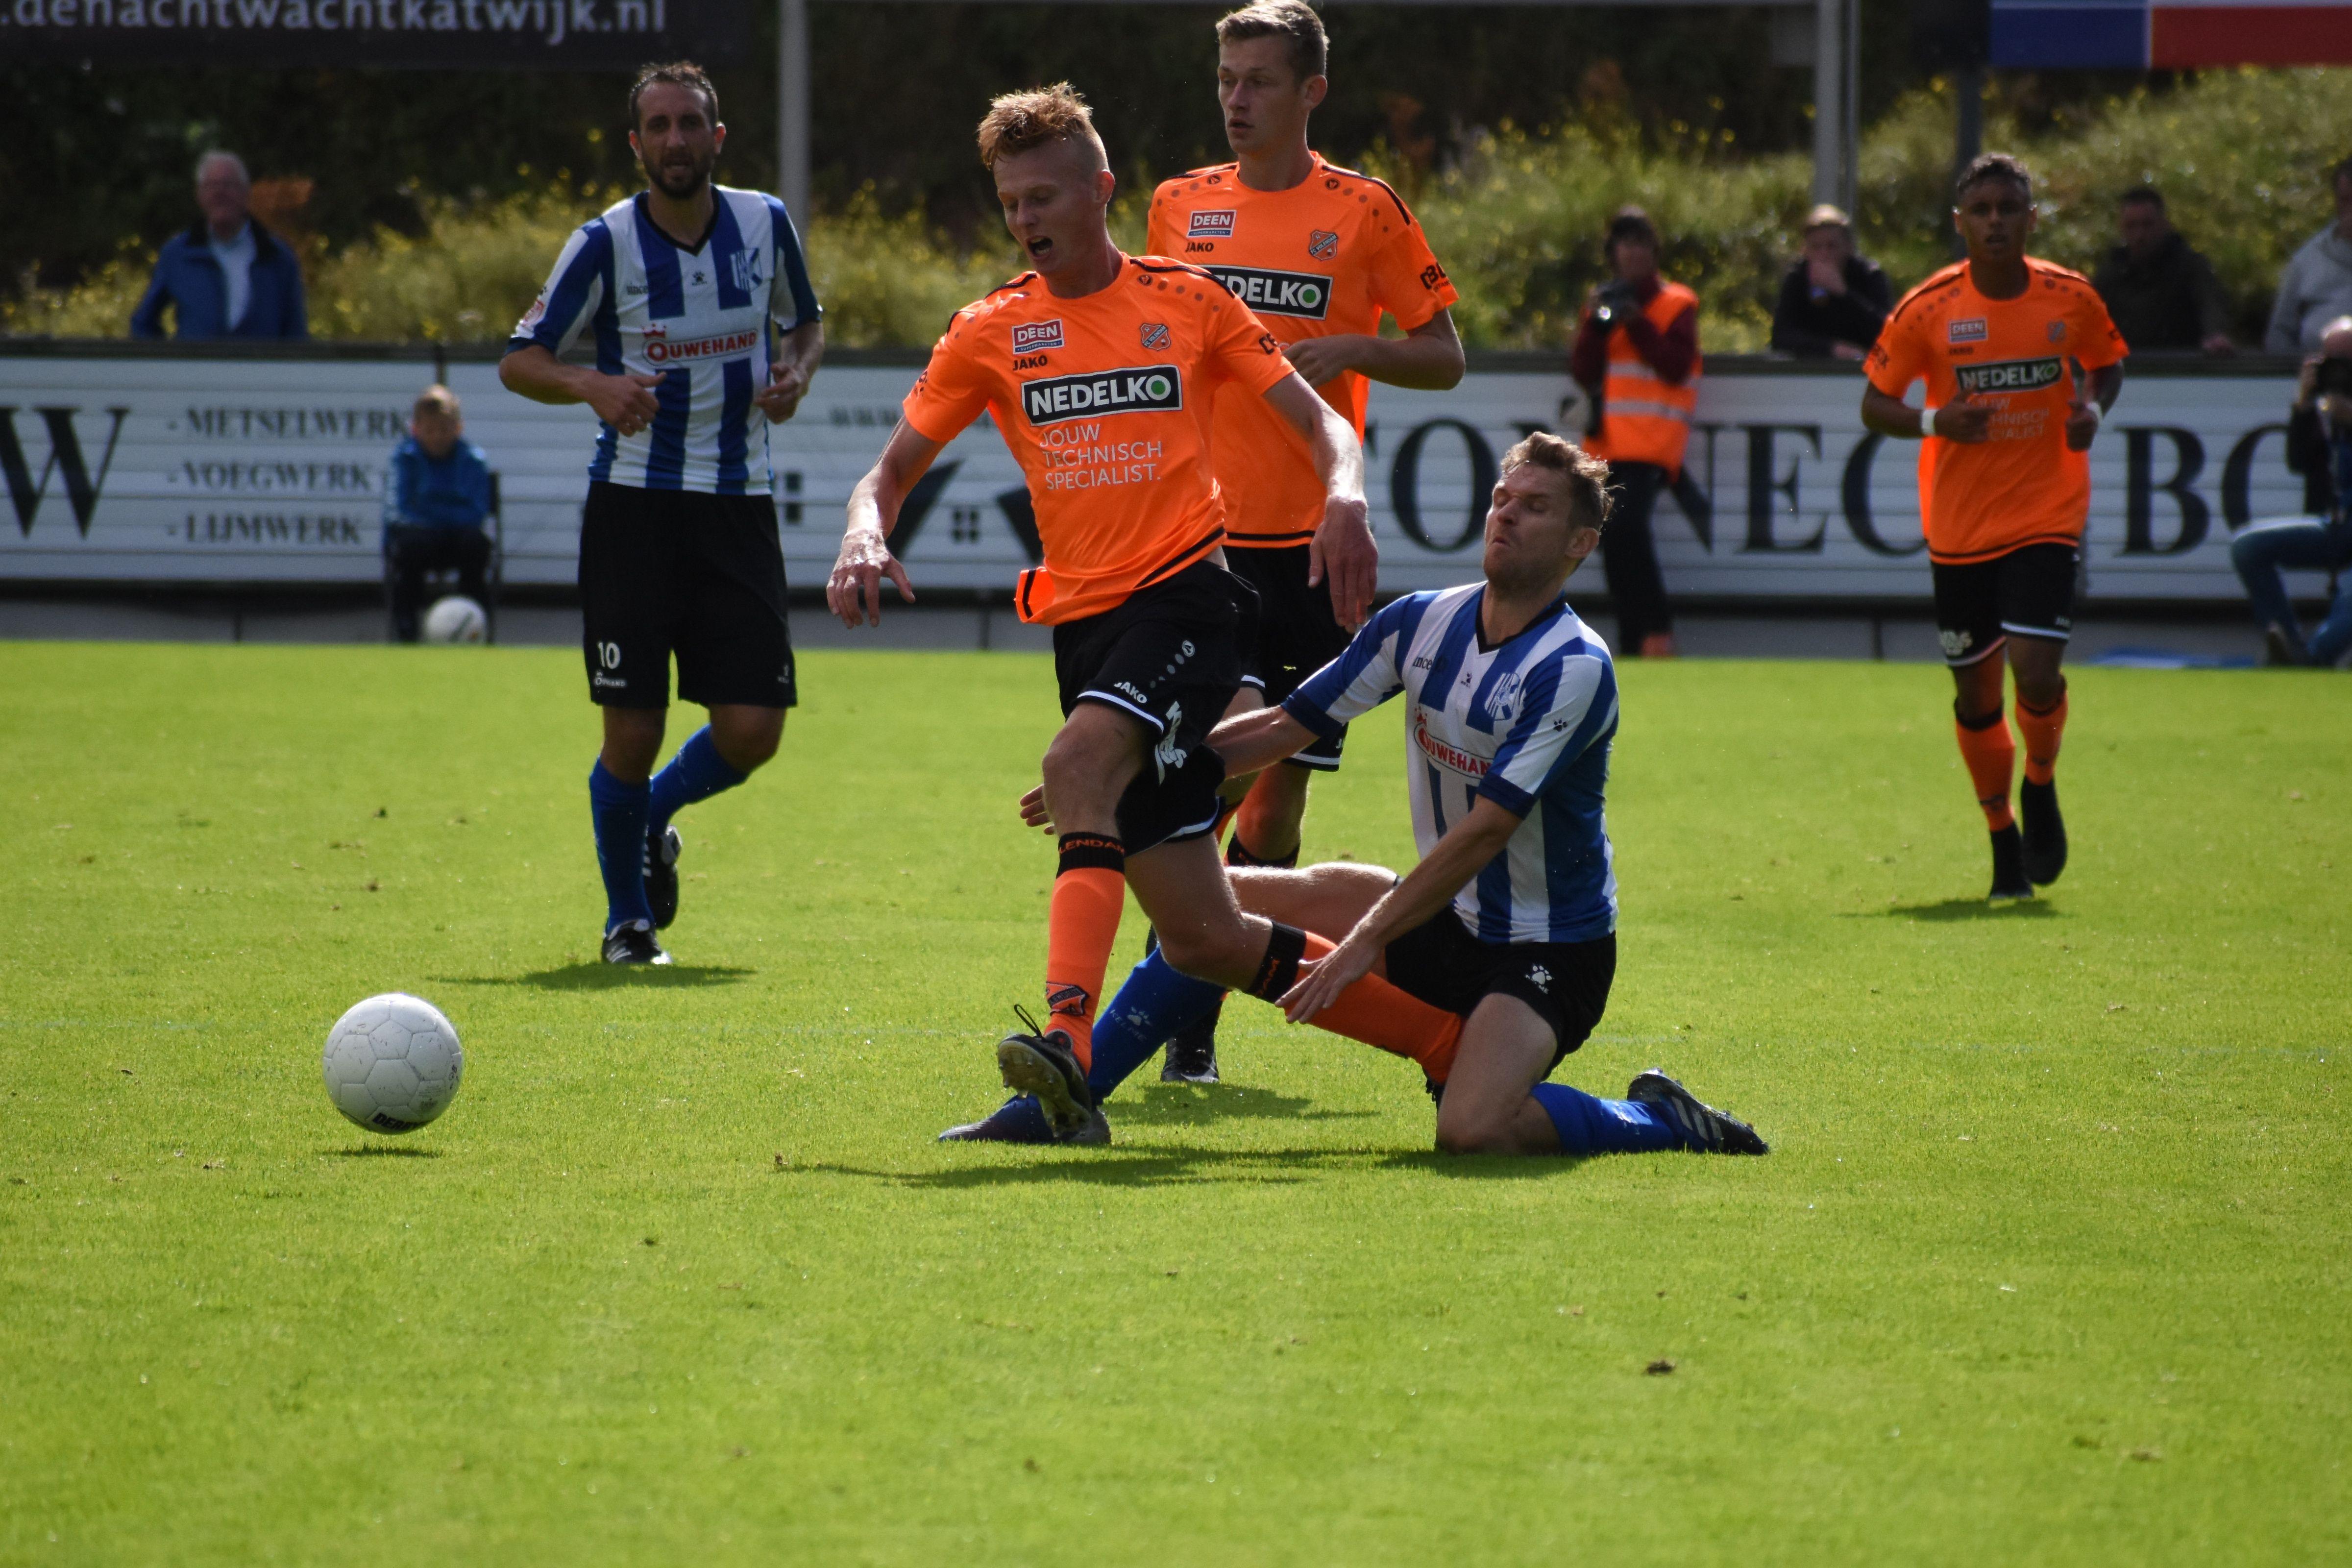 Jong FC Volendam blijft puntloos op vreemde bodem